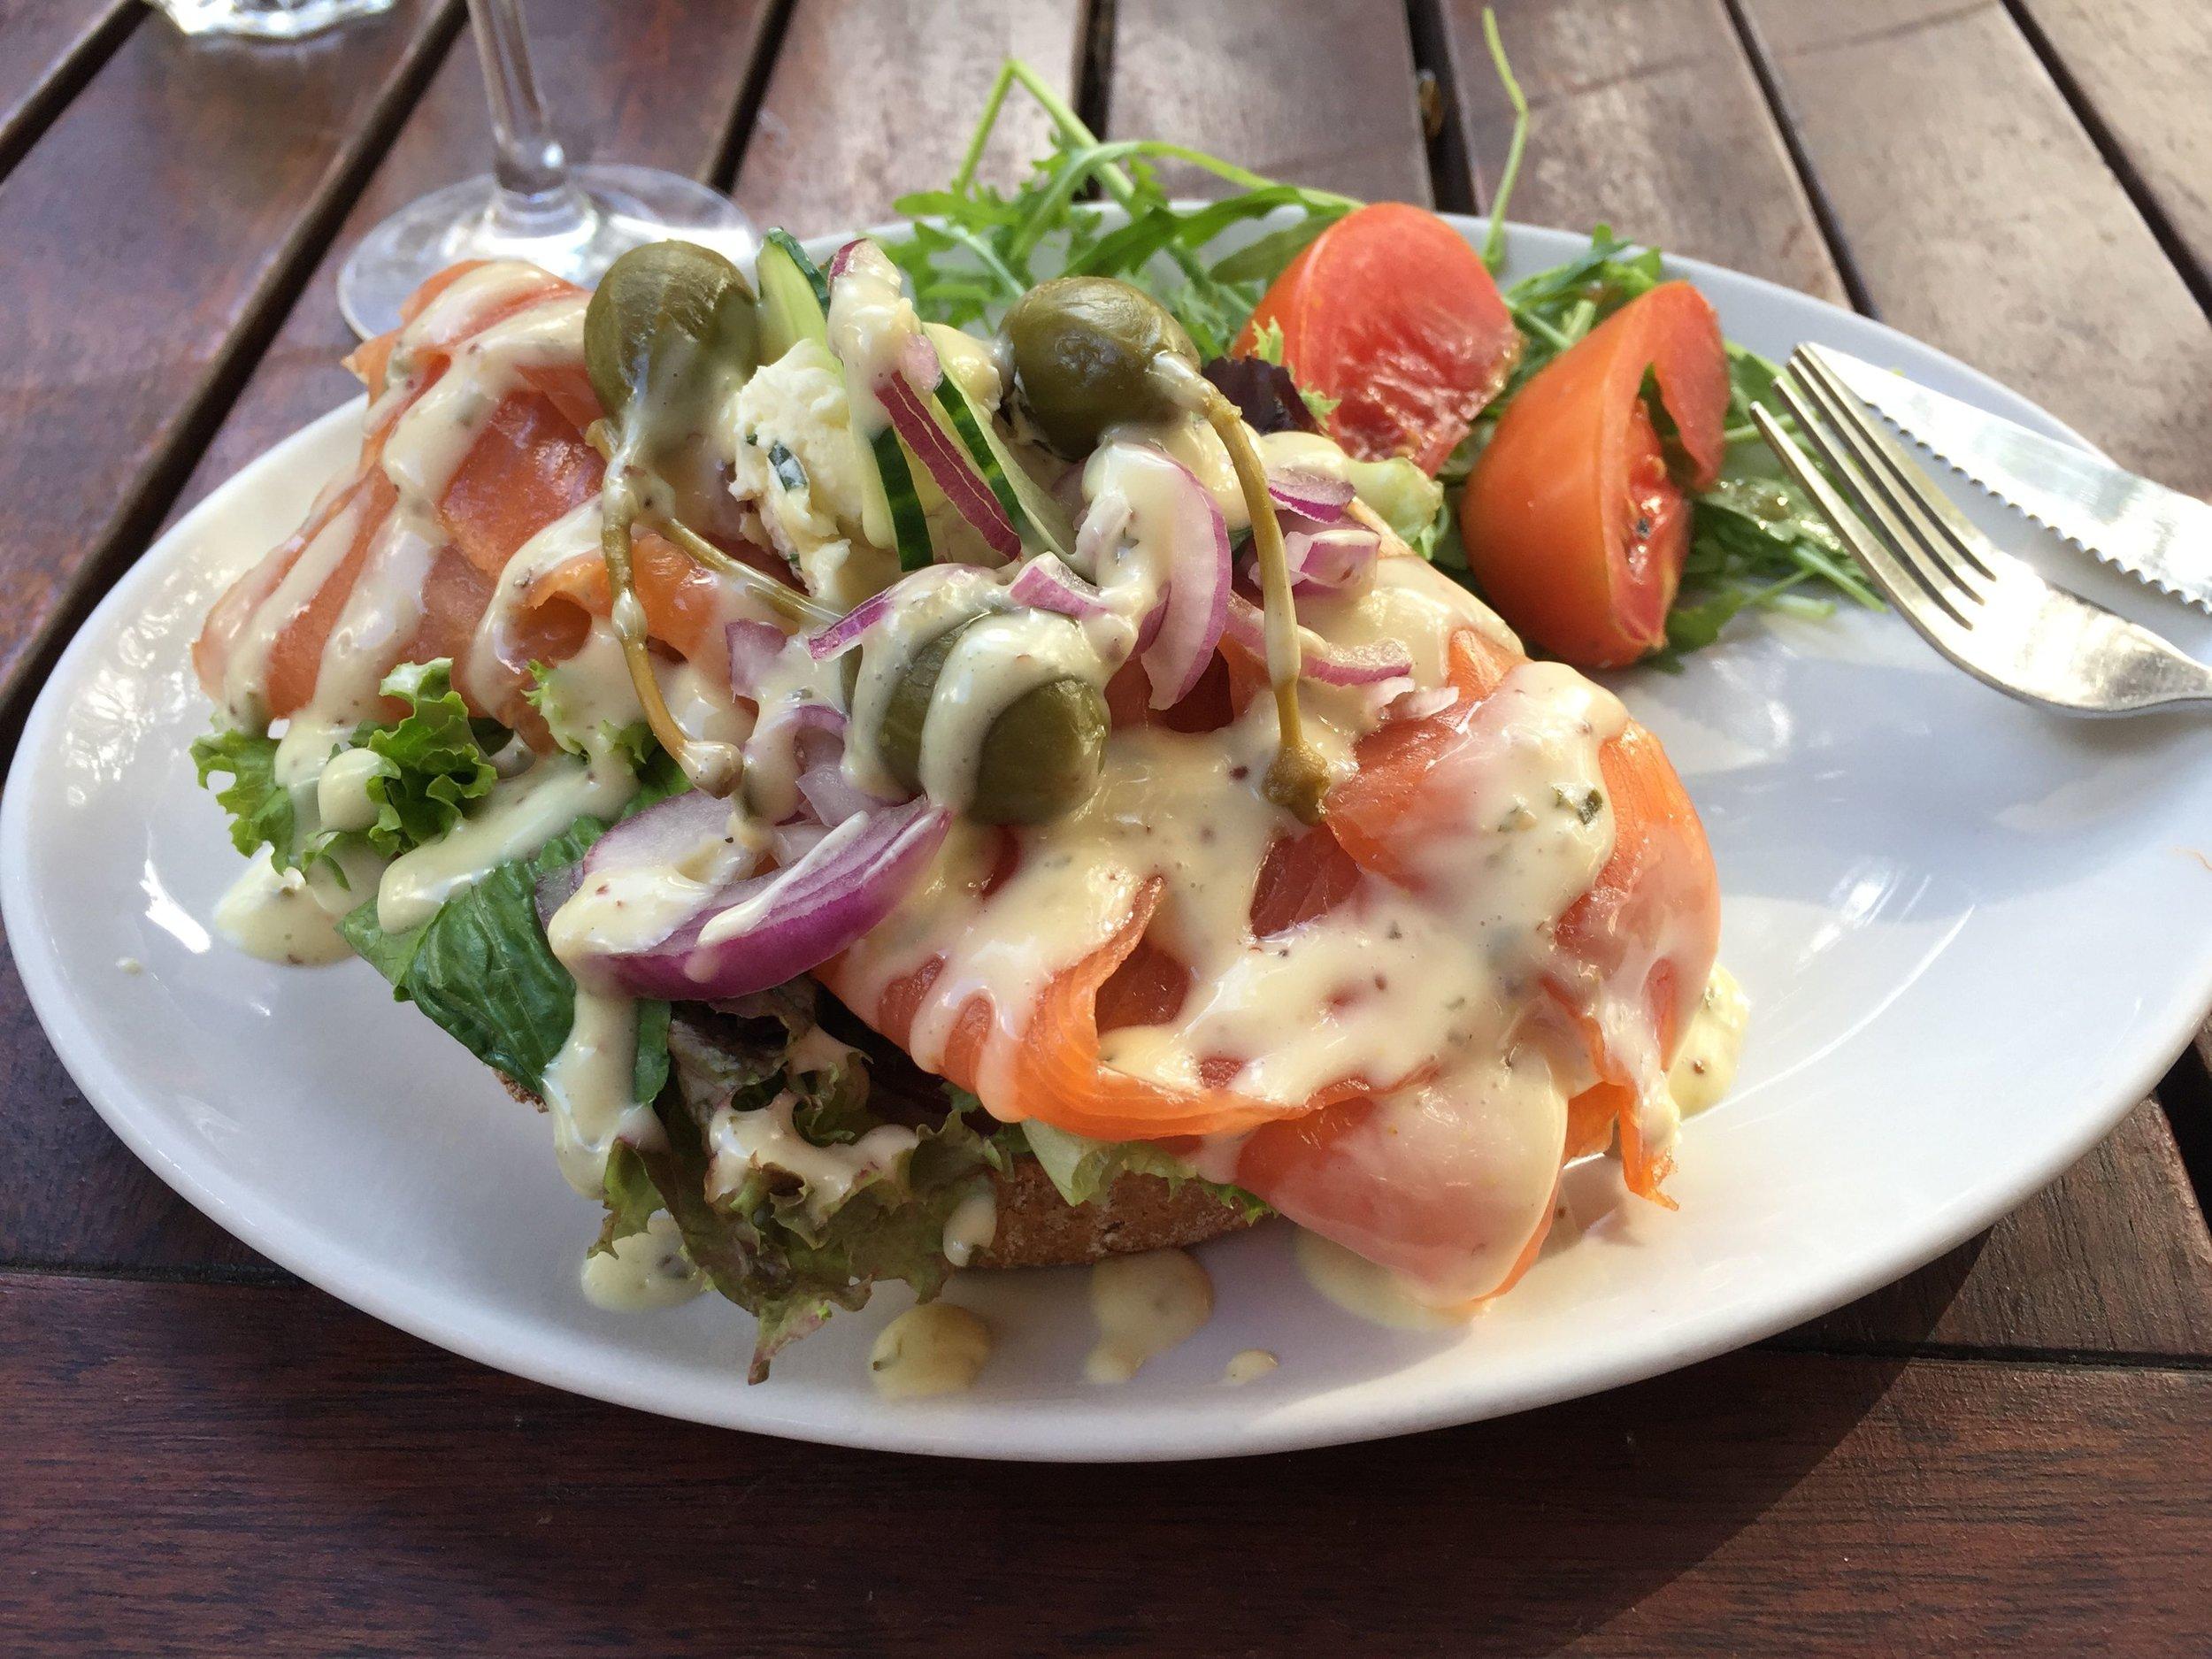 Faggion_foodblog_salmonsandwich .jpg